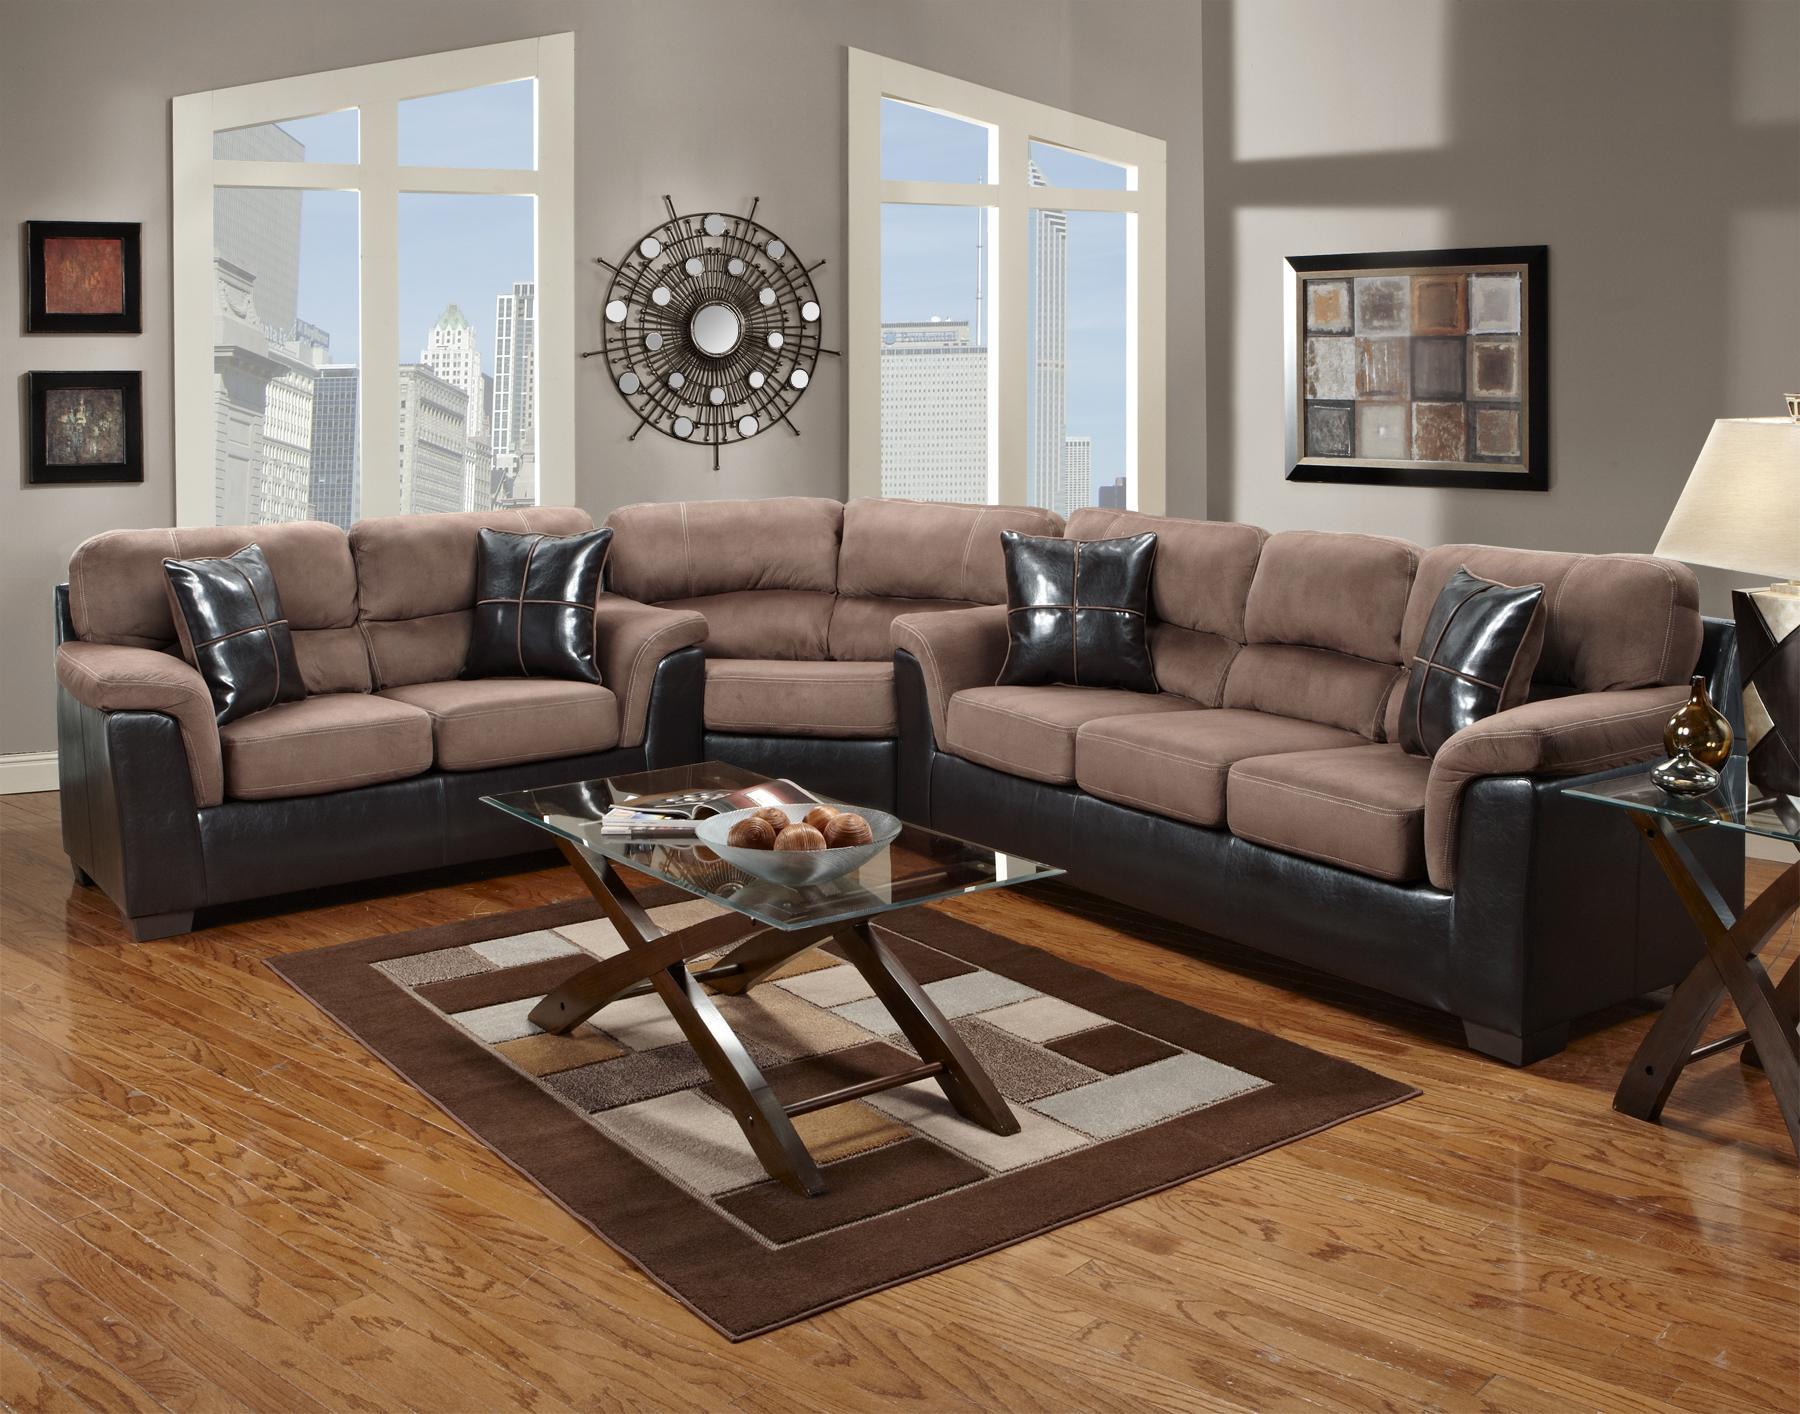 Lacks Furniture Mcallen Home Design Ideas And Pictures # Muebles Lacks Mcallen